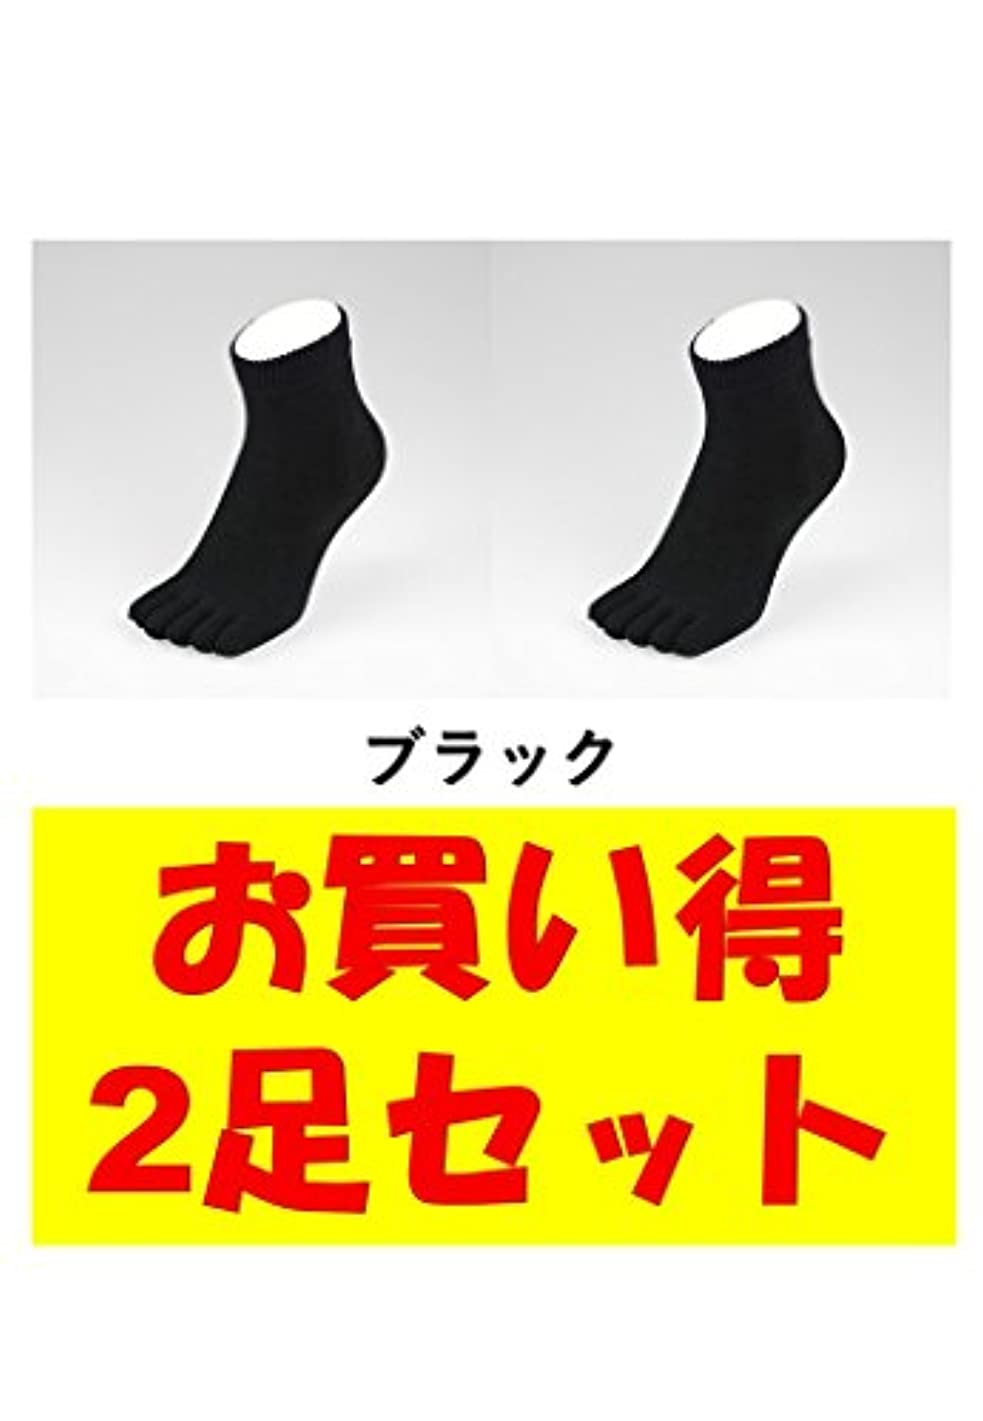 黒人満了クスコお買い得2足セット 5本指 ゆびのばソックス Neo EVE(イヴ) ブラック iサイズ(23.5cm - 25.5cm) YSNEVE-BLK